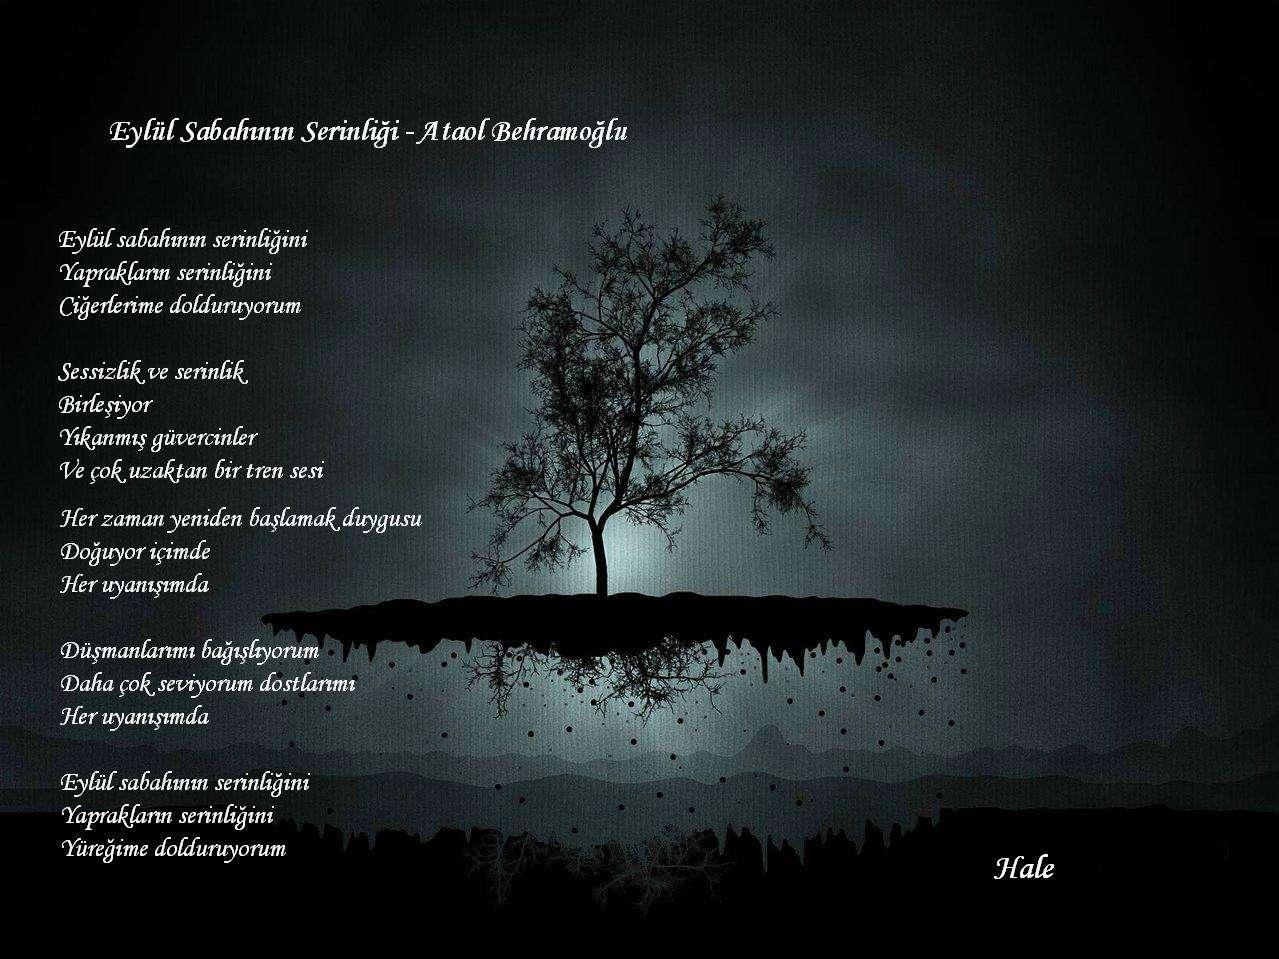 Eylül Sabahının Serinliği Ataol Behramoğlu şairler Ve şiirleri